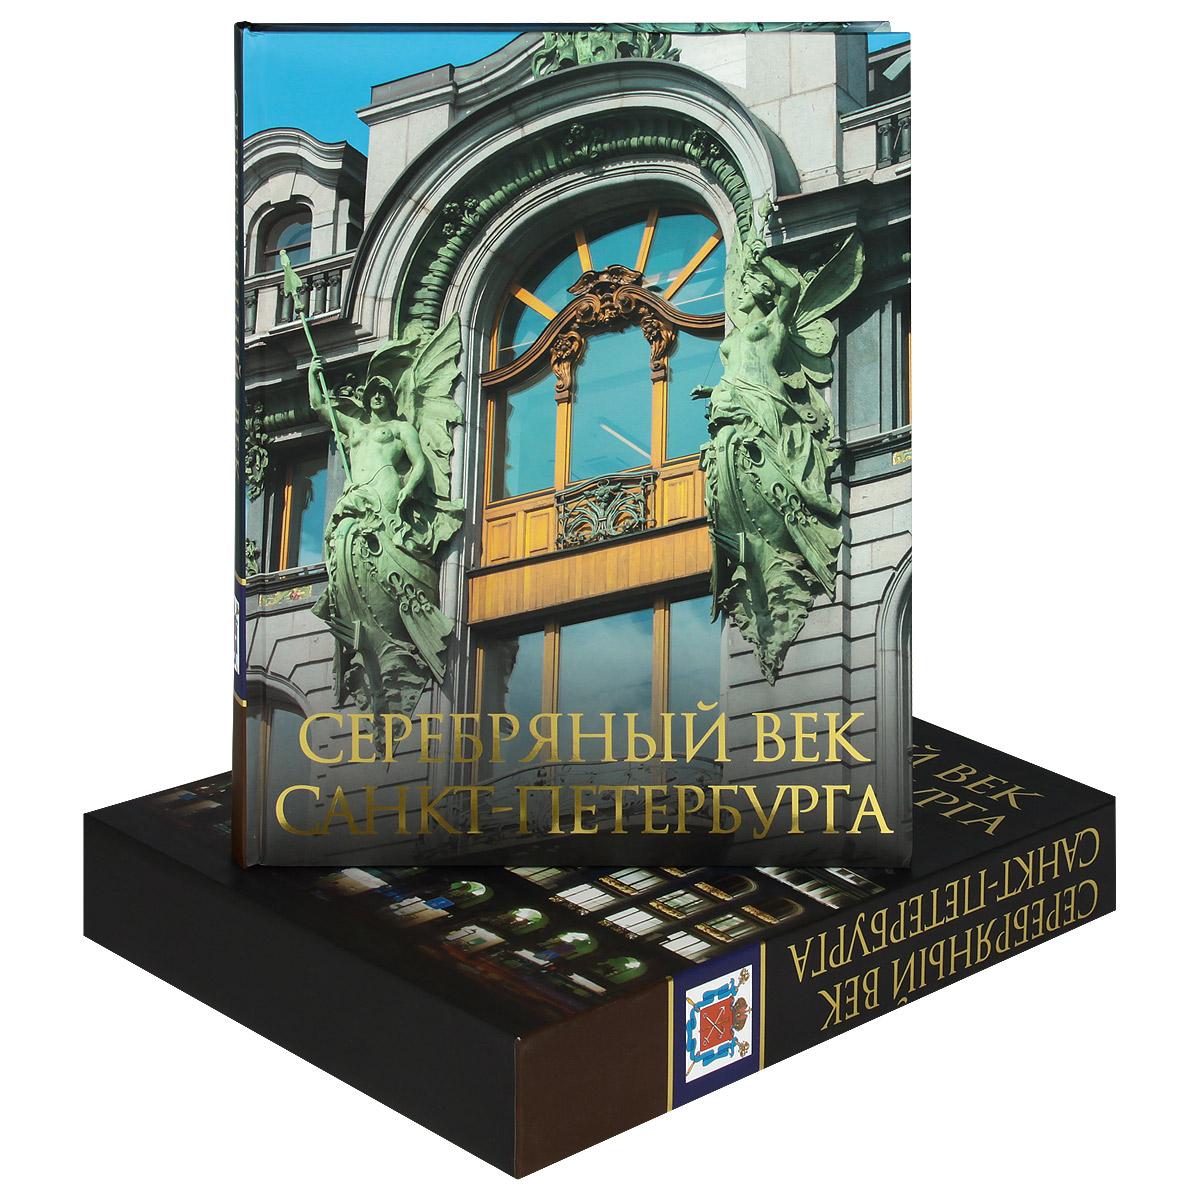 Серебряный век Санкт-Петербурга (подарочное издание), К. Жуков, Р. Клубков